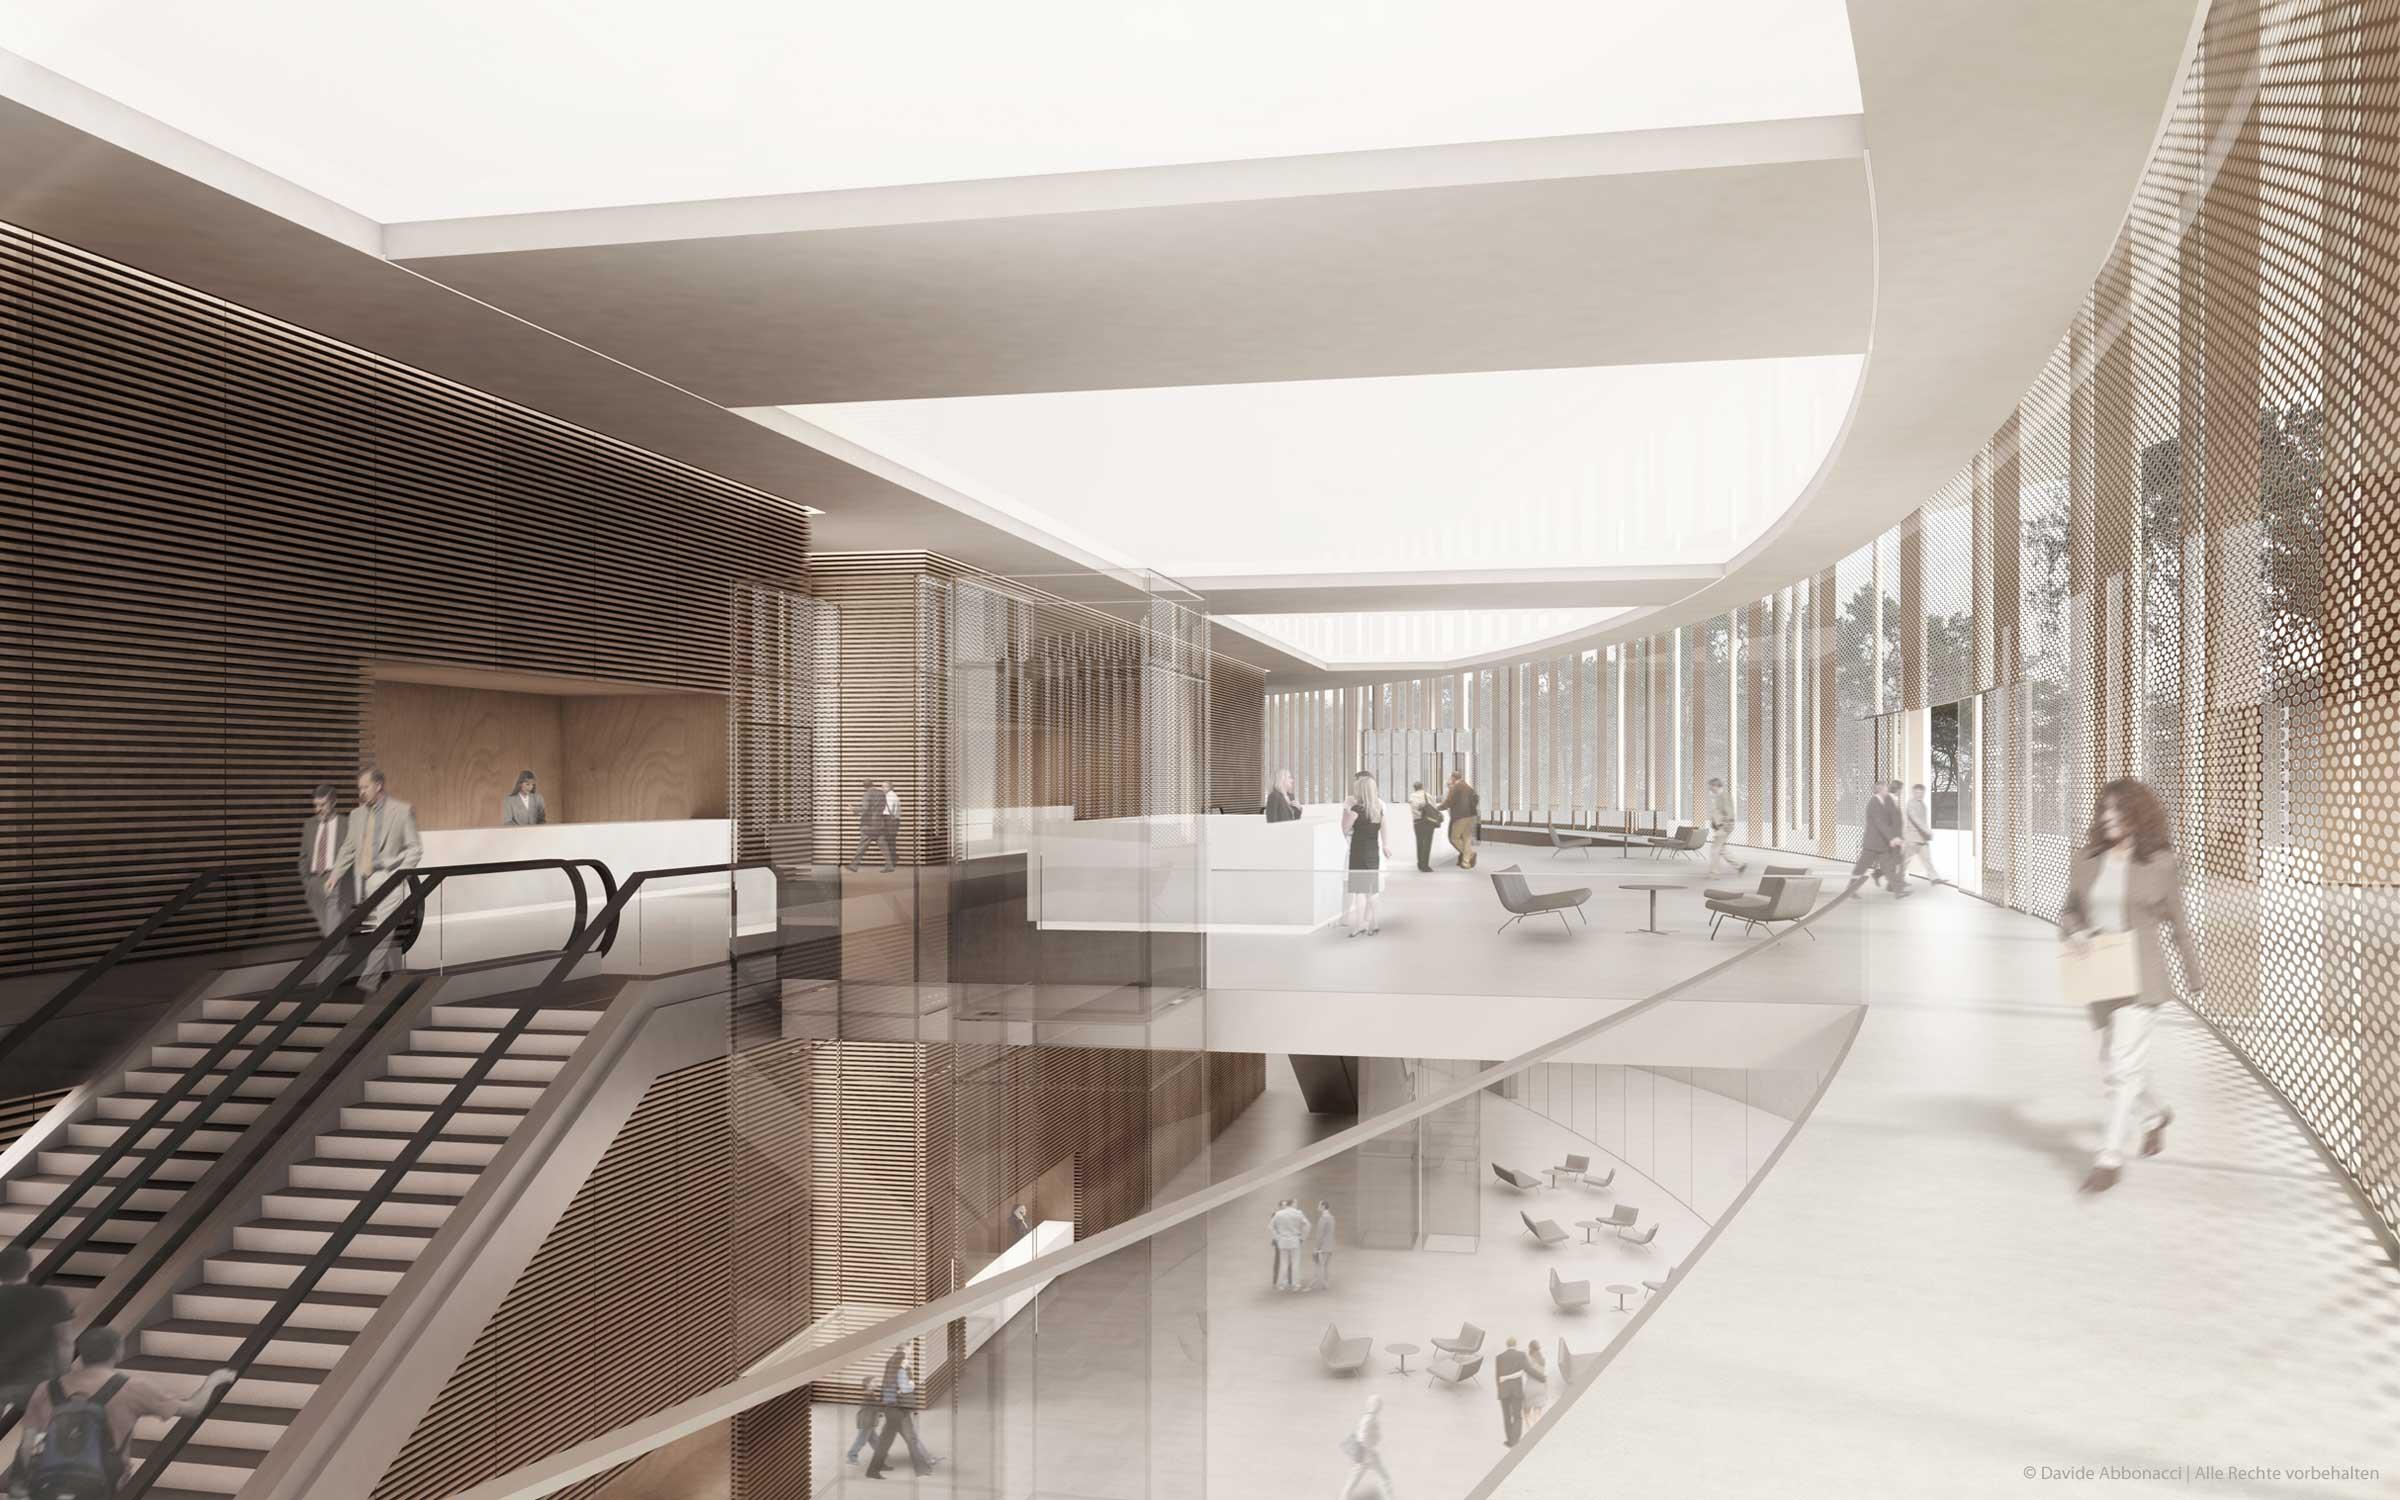 Messe Berlin | gmp Architekten von Gerkan, Marg und Partner | 2011 Wettbewerbsvisualisierung